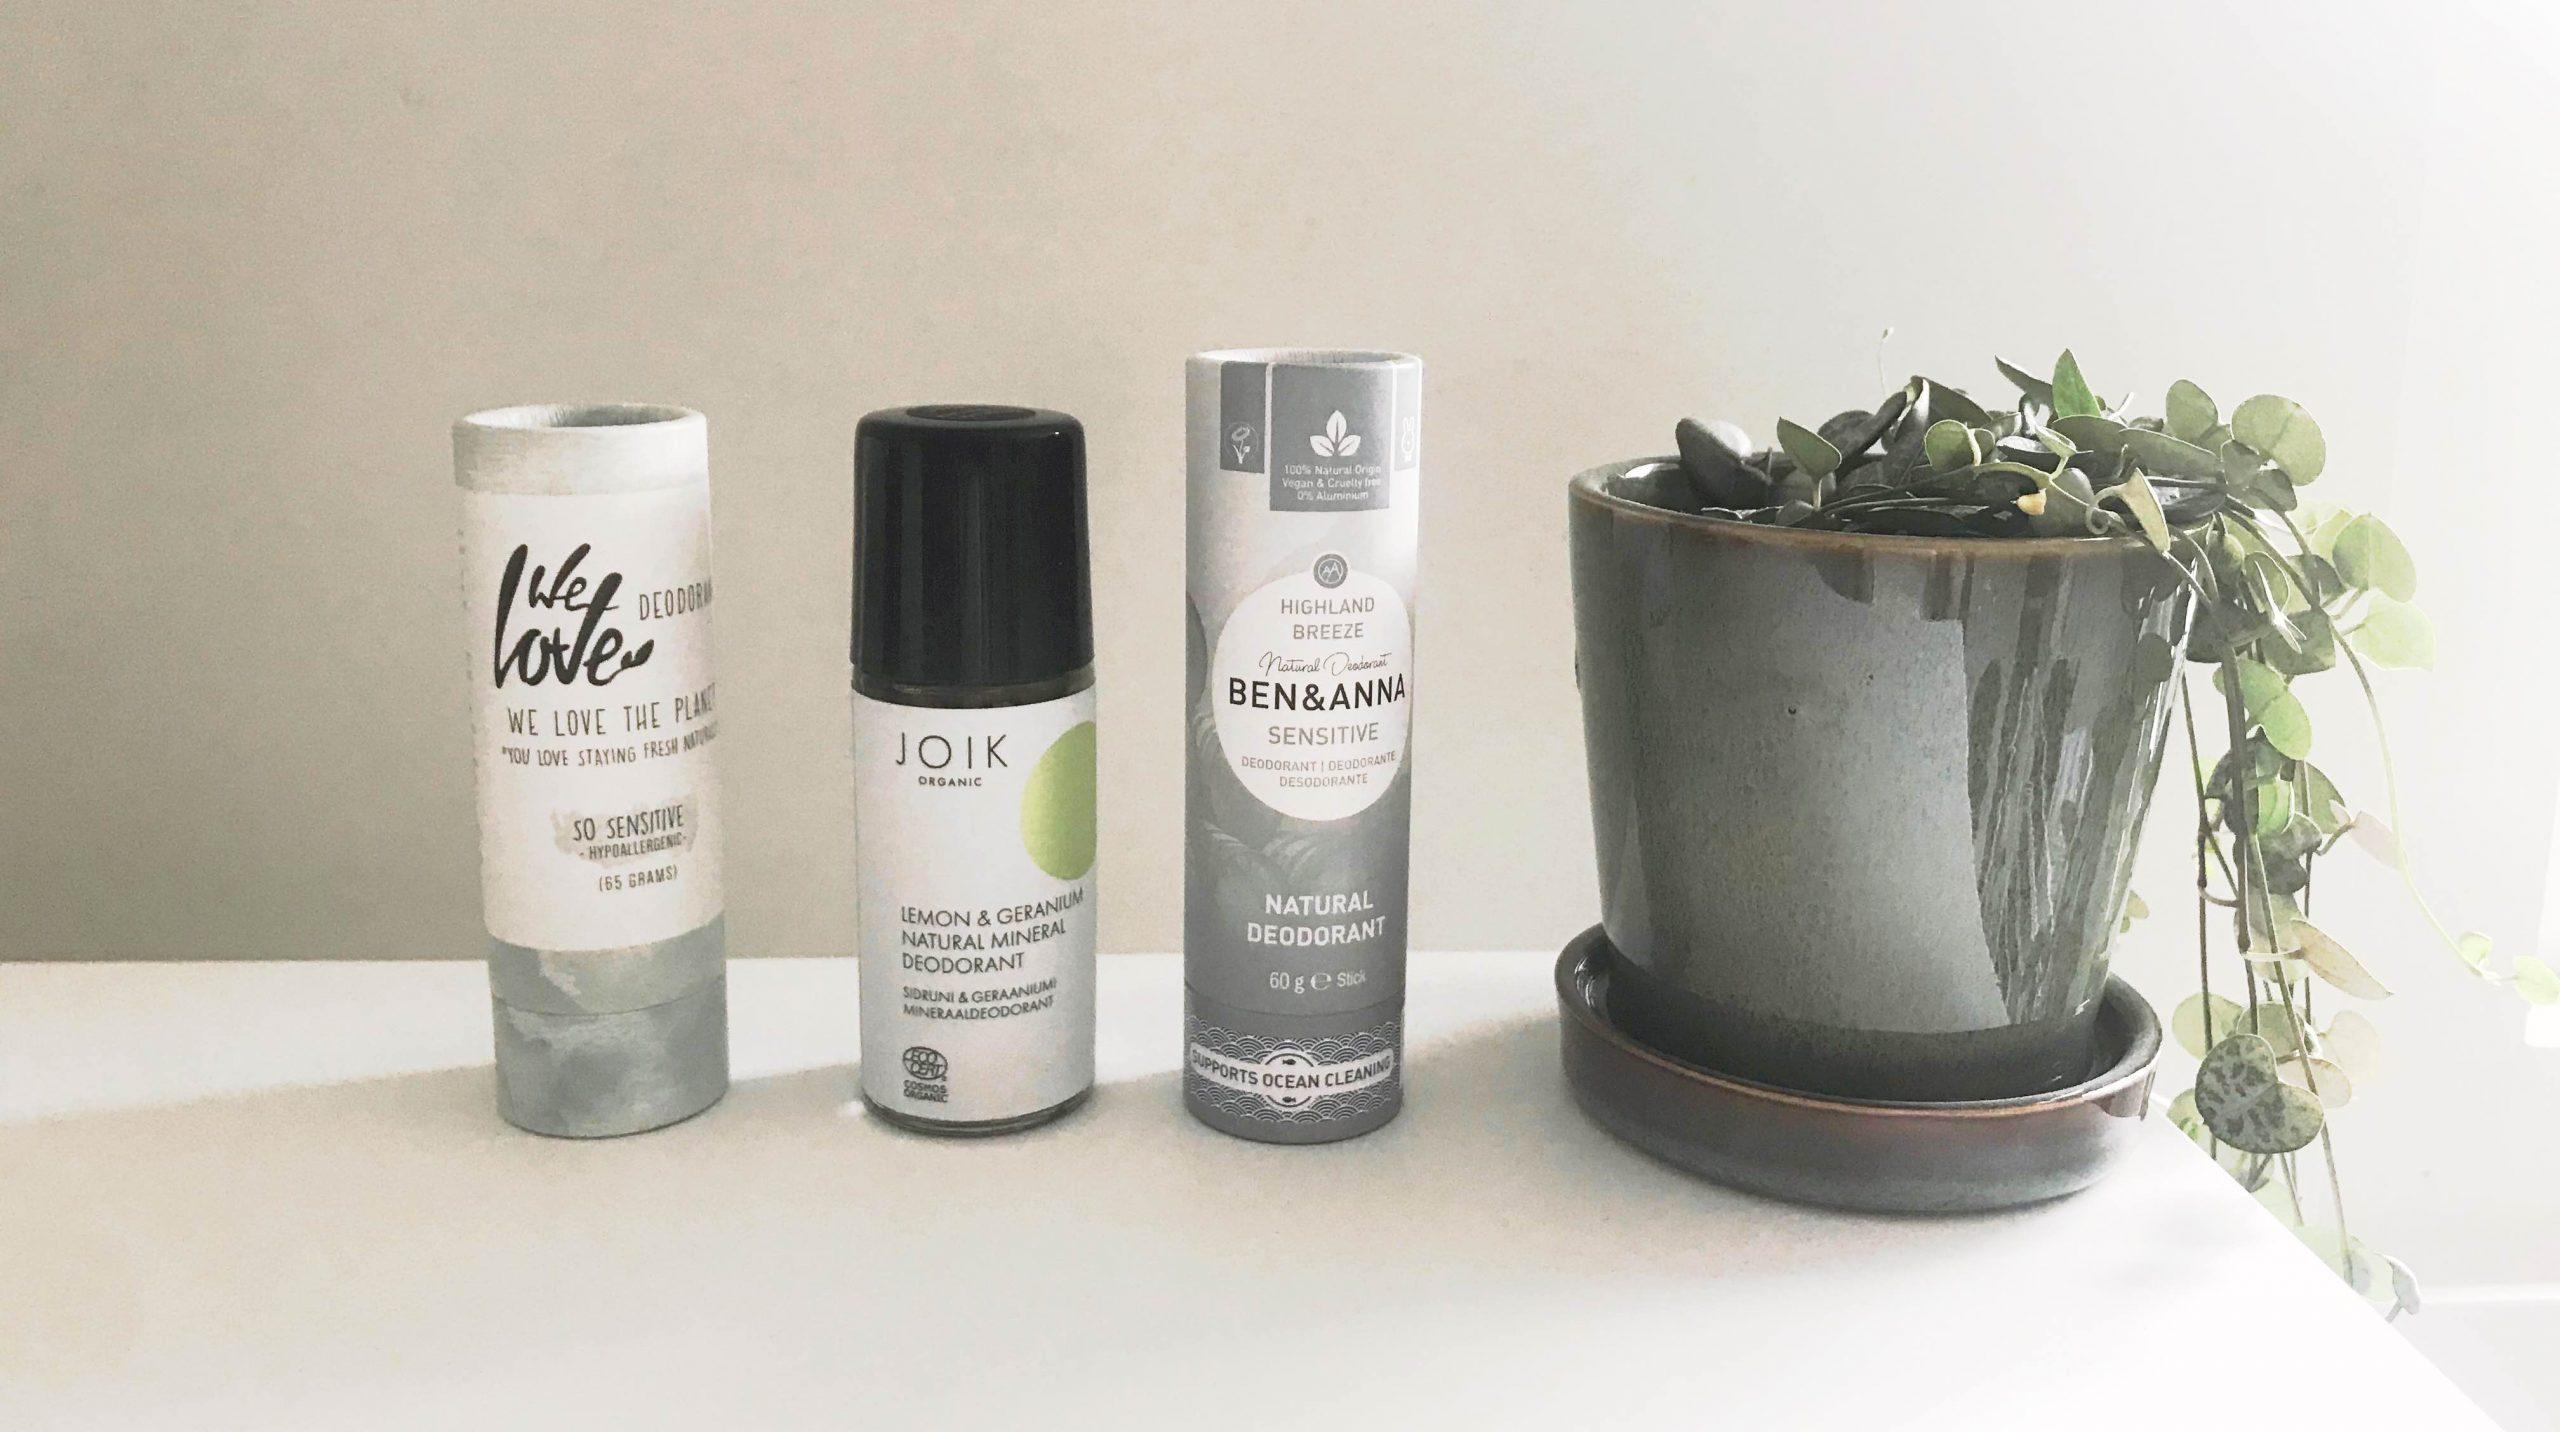 Natuurlijke deodorant zonder baking soda